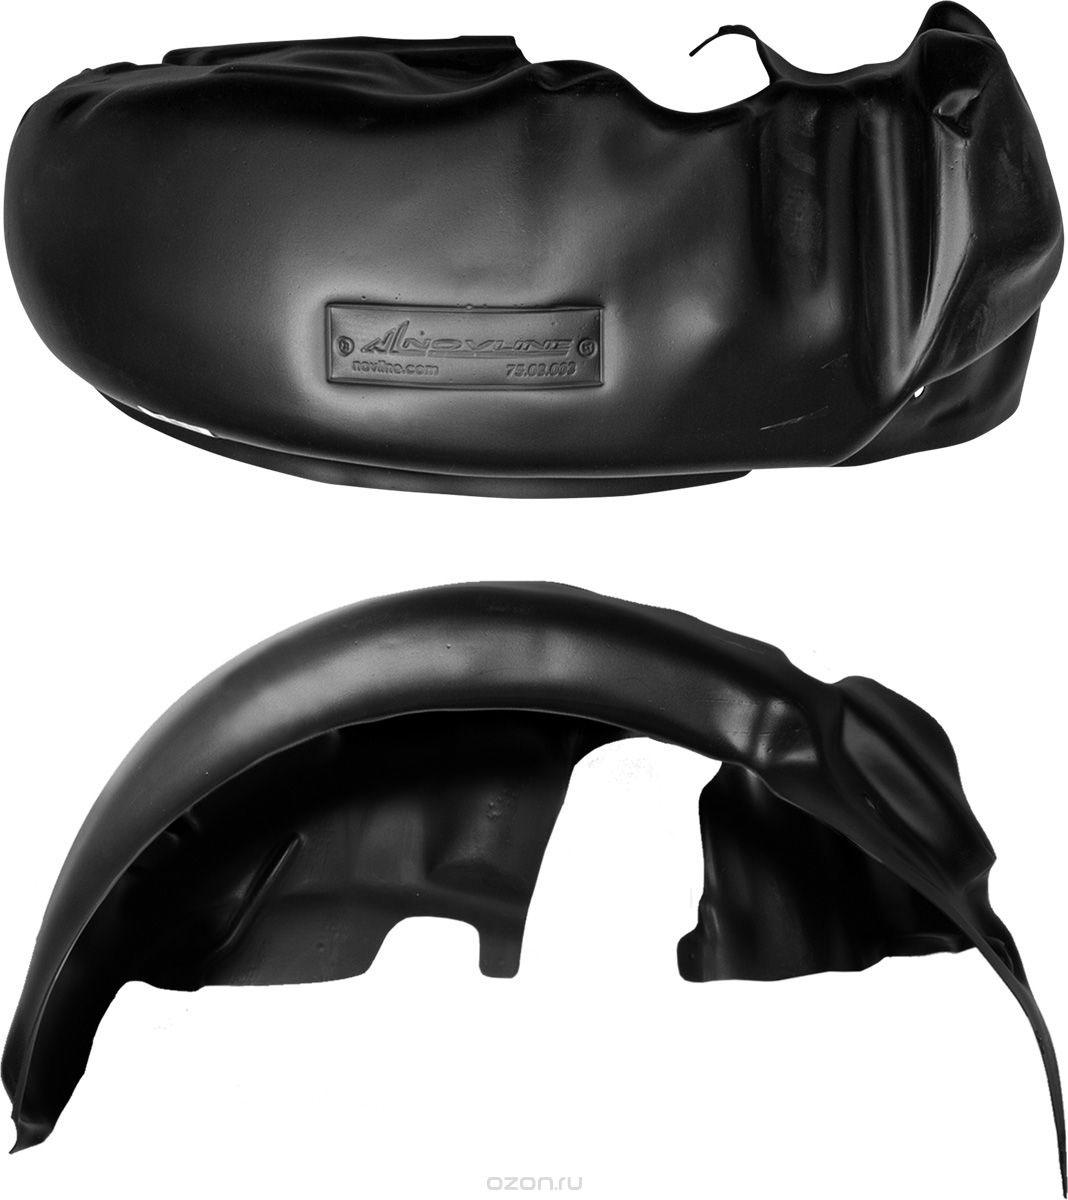 Подкрылок Novline-Autofamily, для Brilliance H530, 06/2014->, задний левыйNLL.95.03.003Идеальная защита колесной ниши. Локеры разработаны с применением цифровых технологий, гарантируют максимальную повторяемость поверхности арки. Изделия устанавливаются без нарушения лакокрасочного покрытия автомобиля, каждый подкрылок комплектуется крепежом. Уважаемые клиенты, обращаем ваше внимание, что фотографии на подкрылки универсальные и не отражают реальную форму изделия. При этом само изделие идет точно под размер указанного автомобиля.